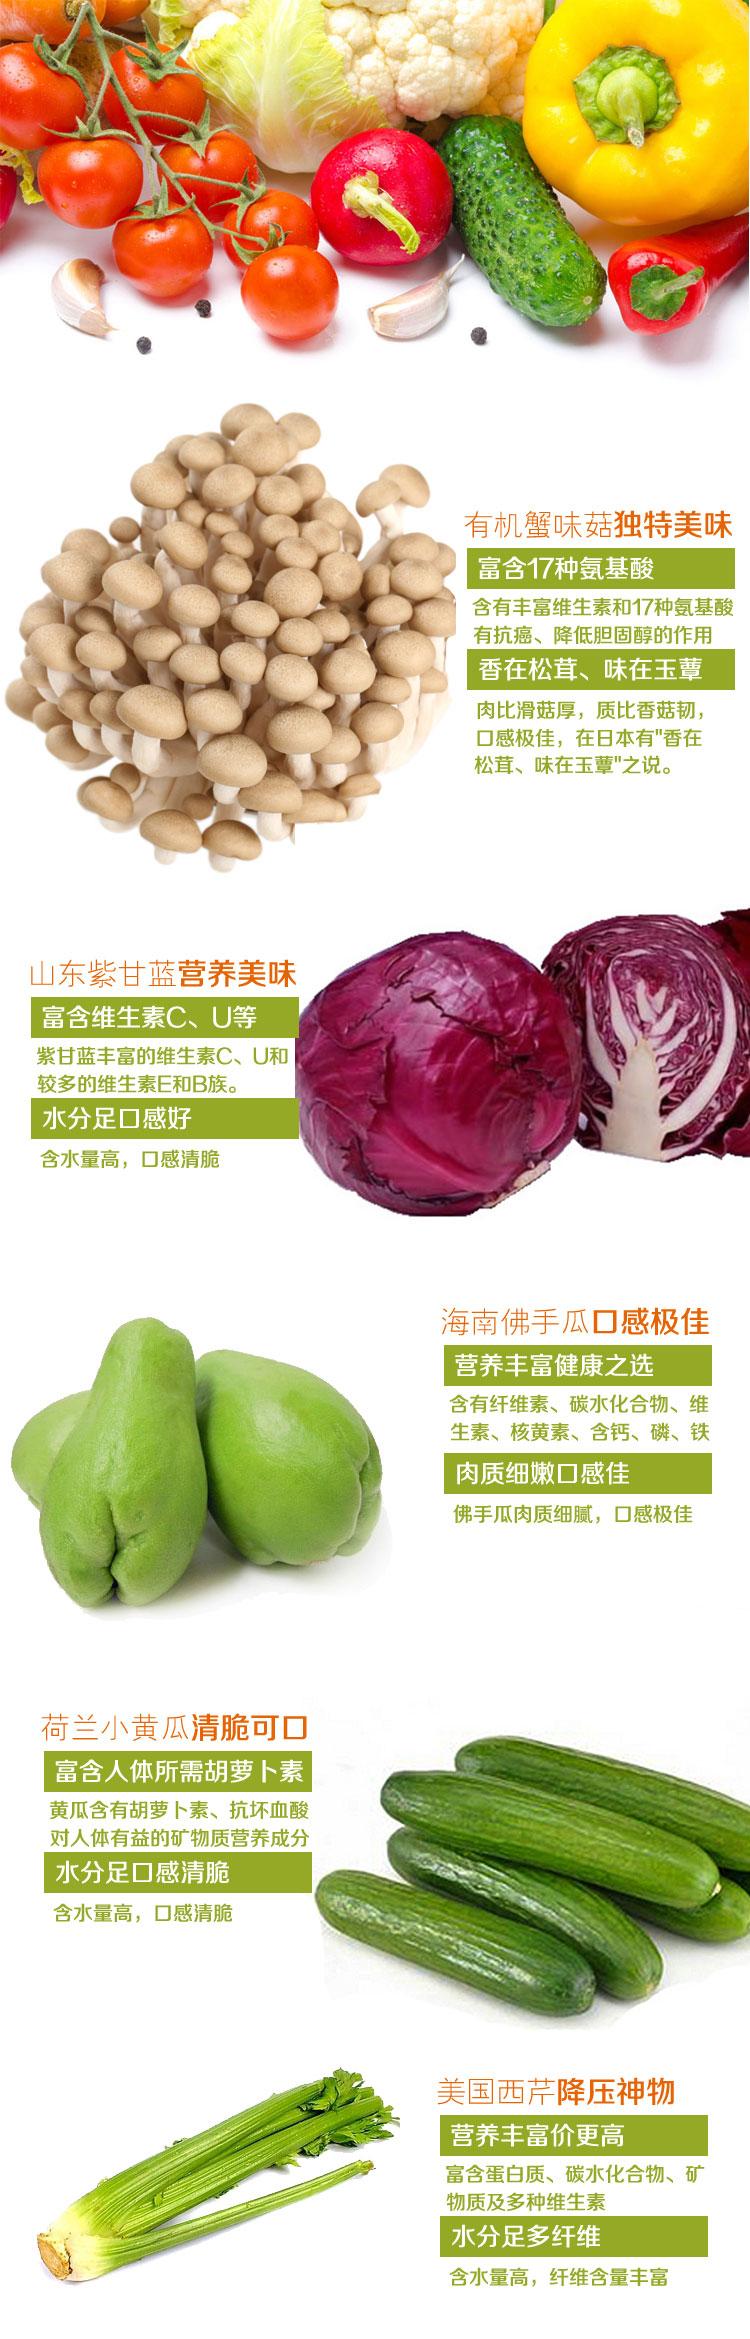 蔬菜3副本_01